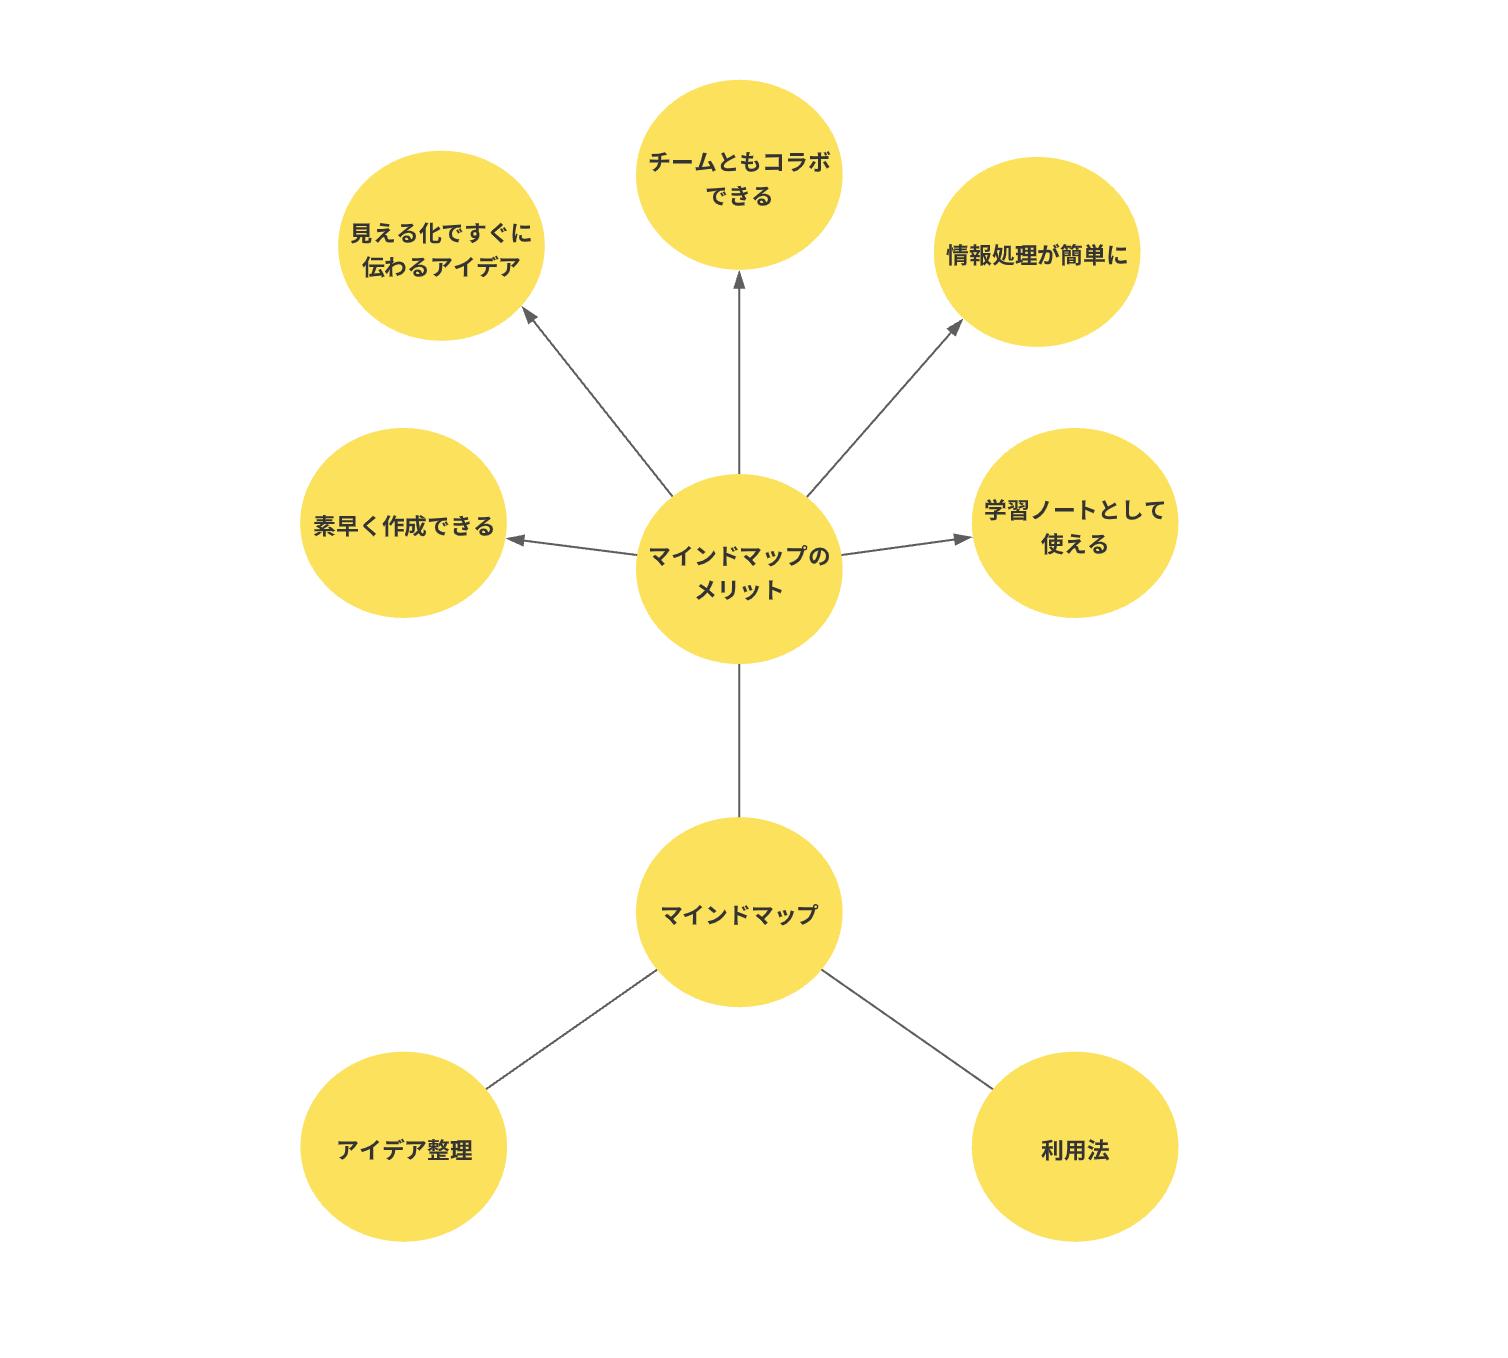 マインドマップの書き方ステップ3